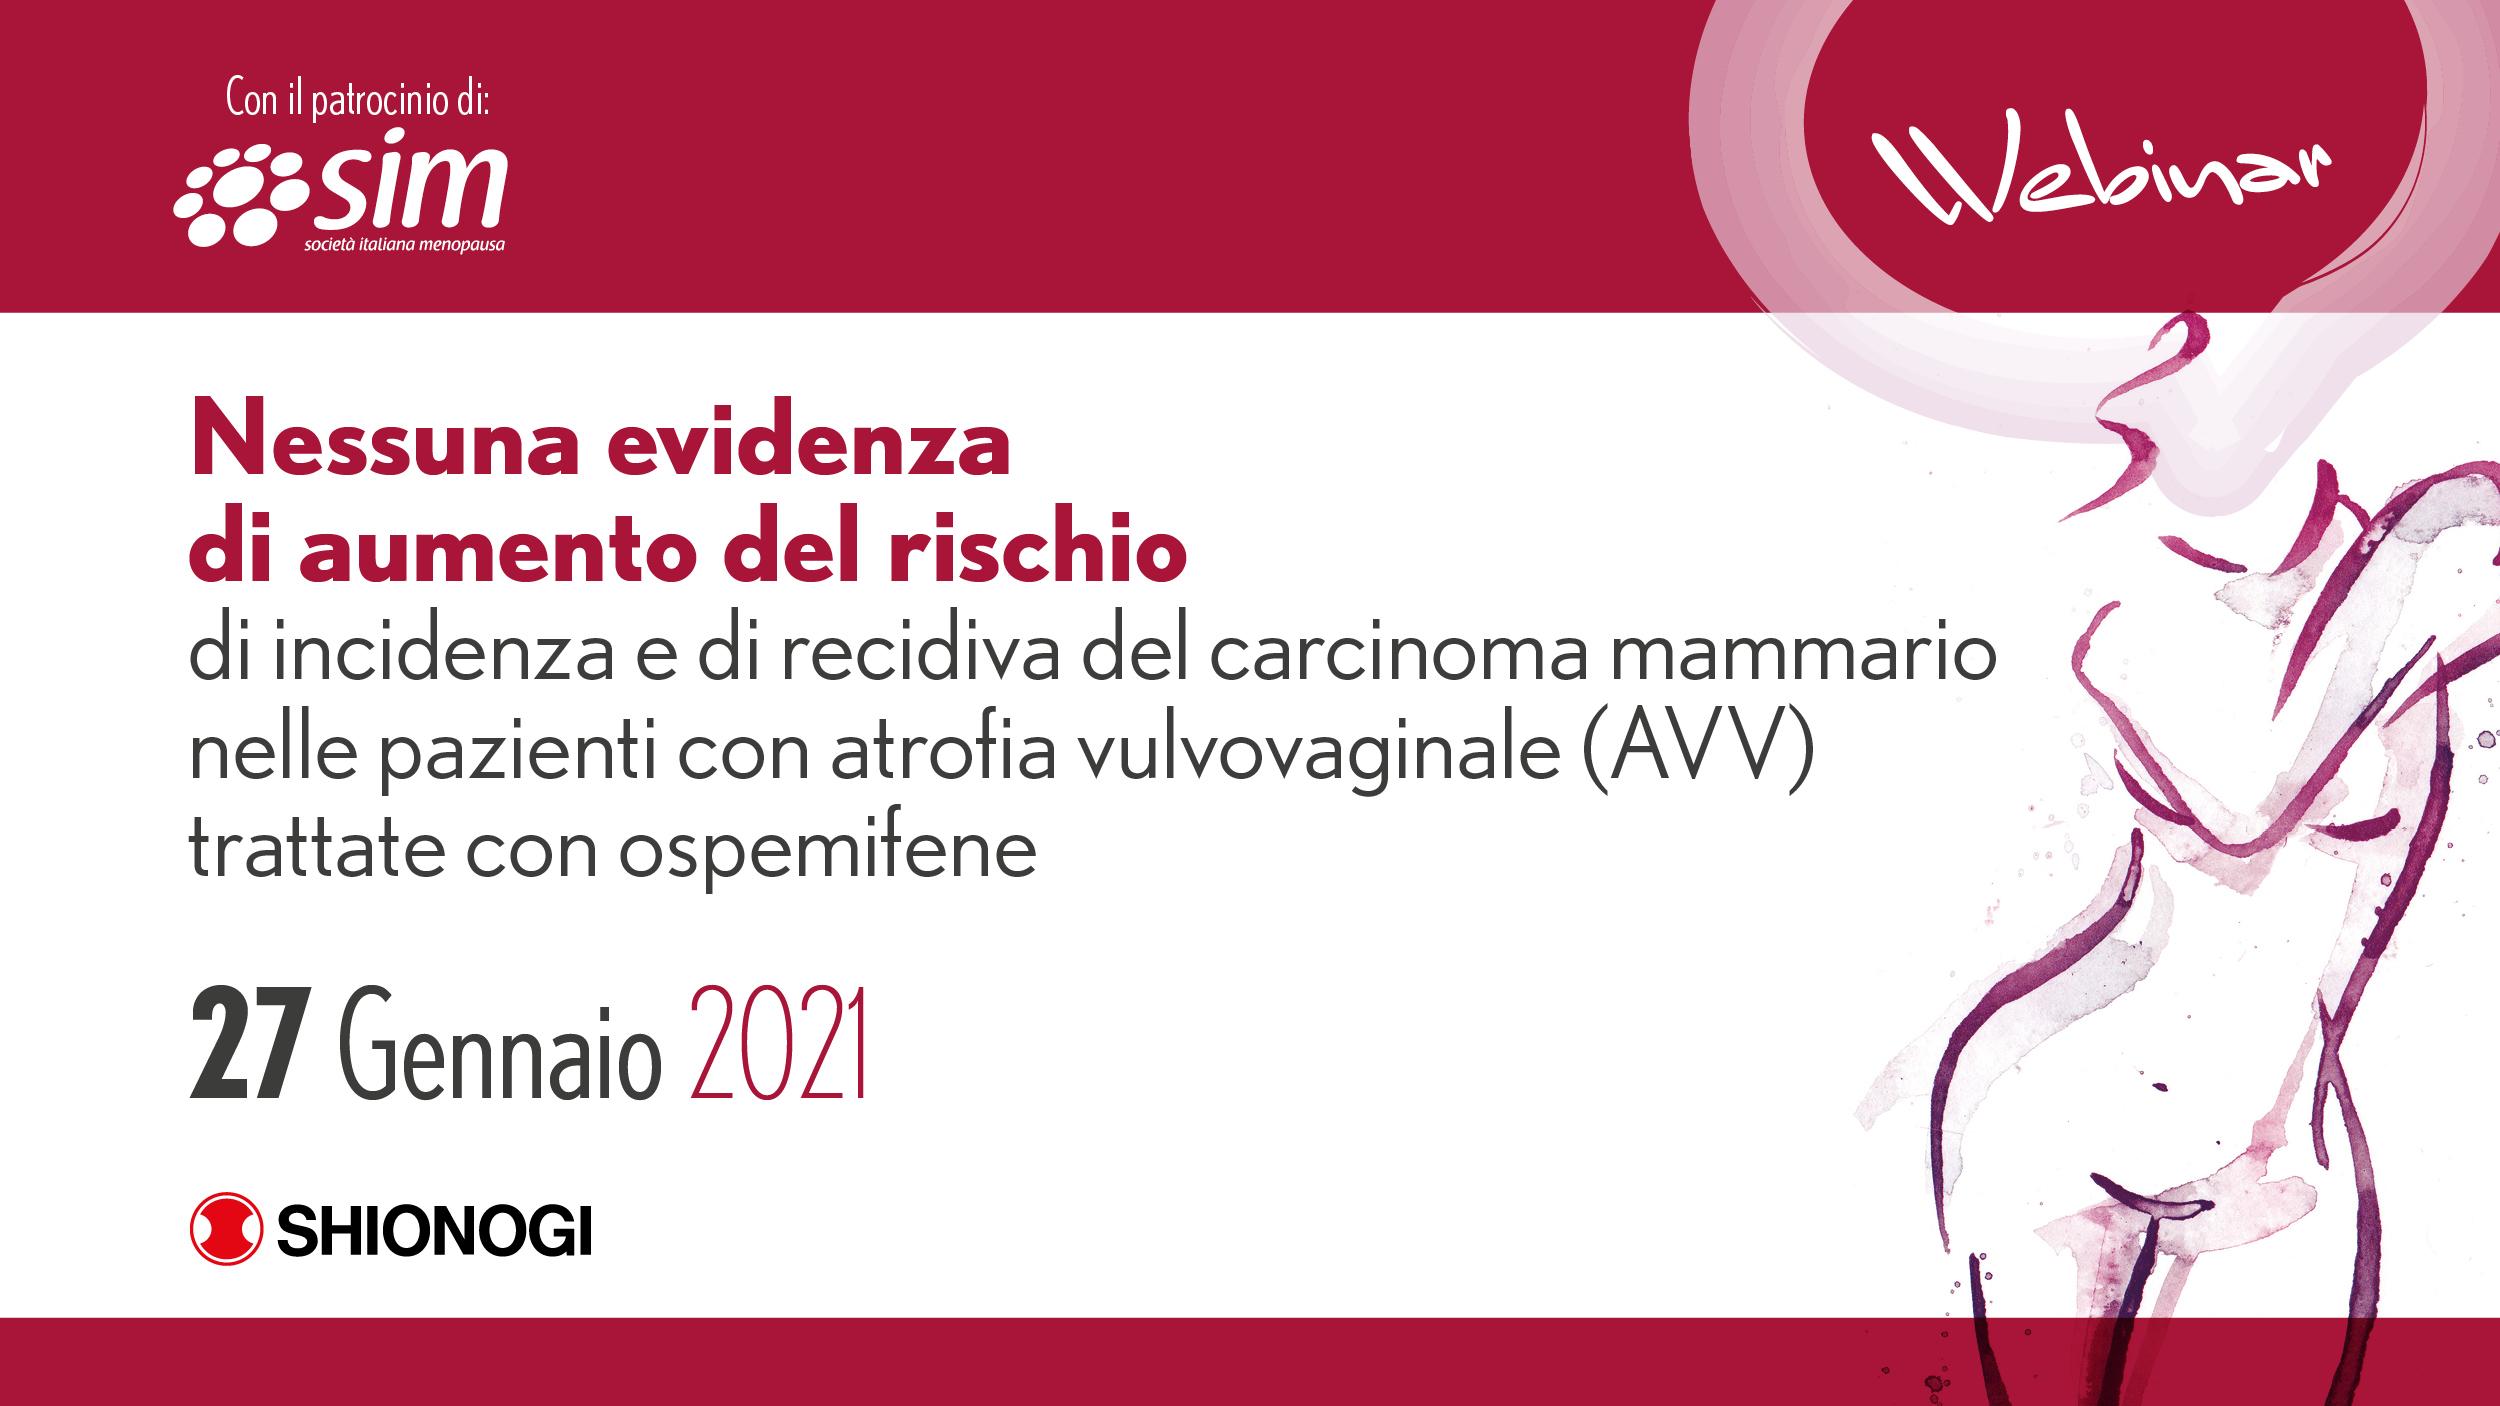 Nessuna evidenza di aumento del rischio di incidenza e di recidiva del carcinoma mammario nelle pazienti con atrofia vulvovaginale (AVV) trattate con ospemifene